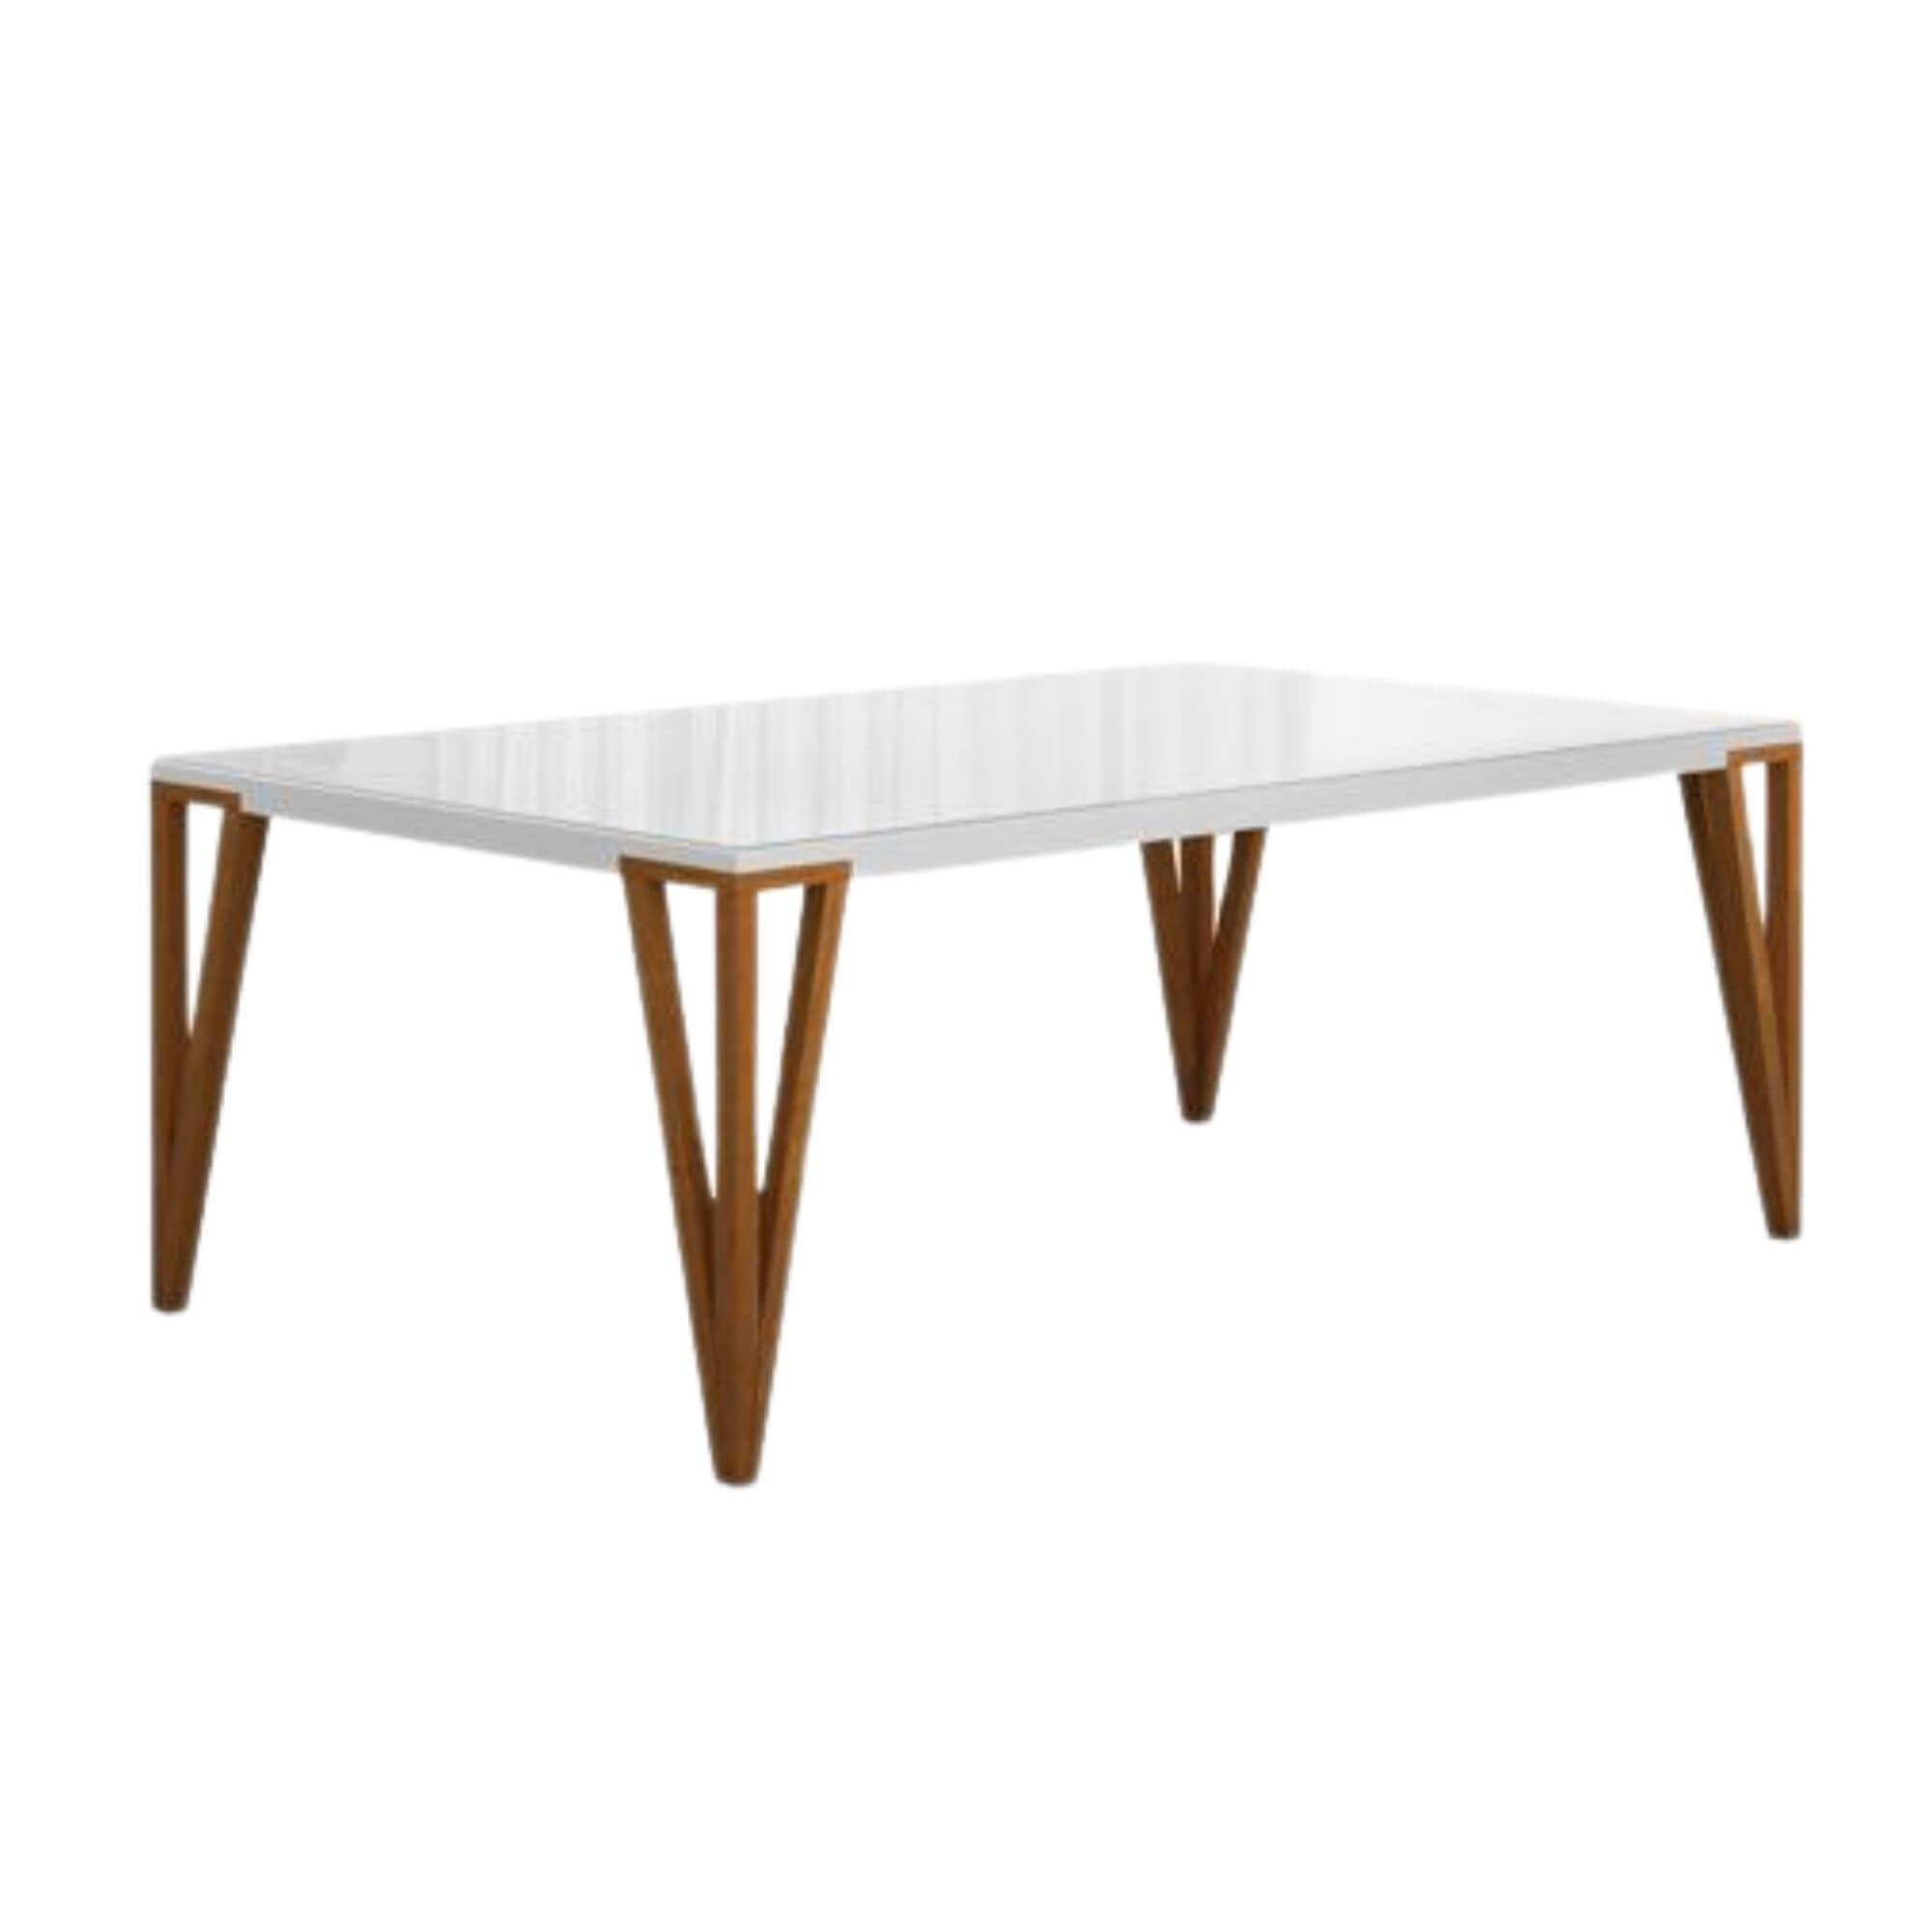 Mesa de Jantar 8 Lugares Oriente 200 cm x 100 cm